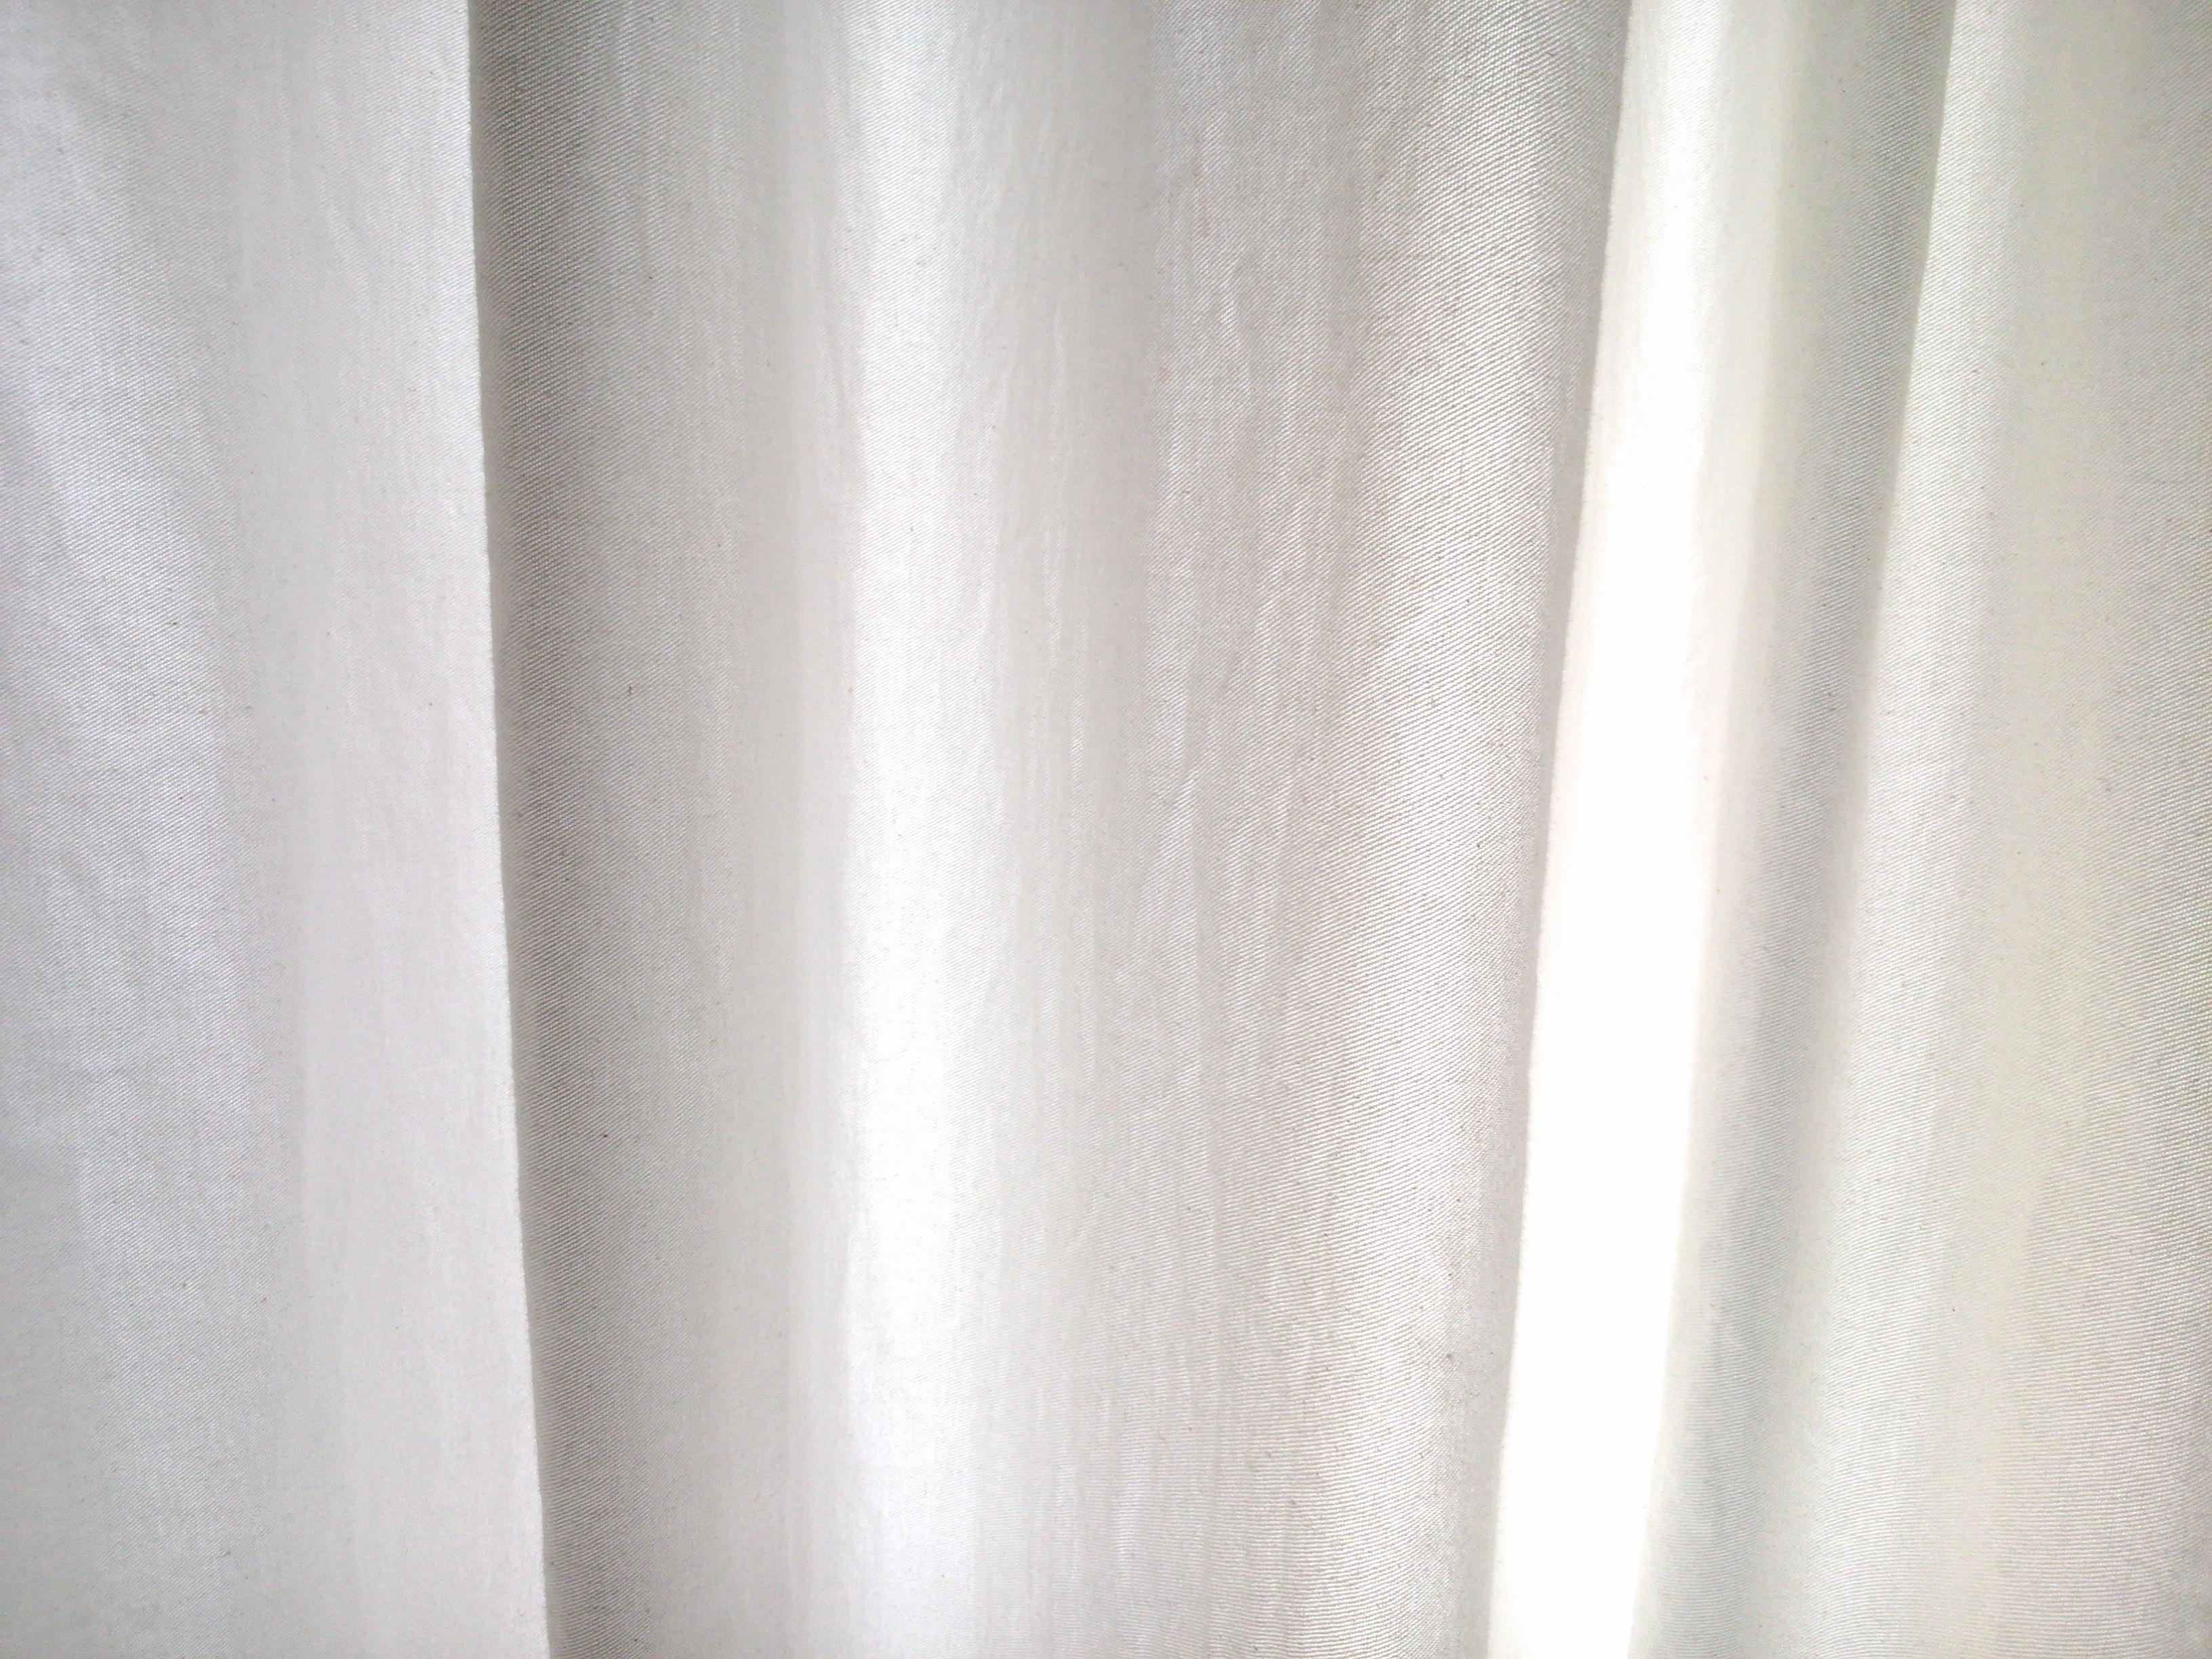 Gratis Afbeeldingen : wit, lijn, gordijn, decor, materiaal, kleding ...